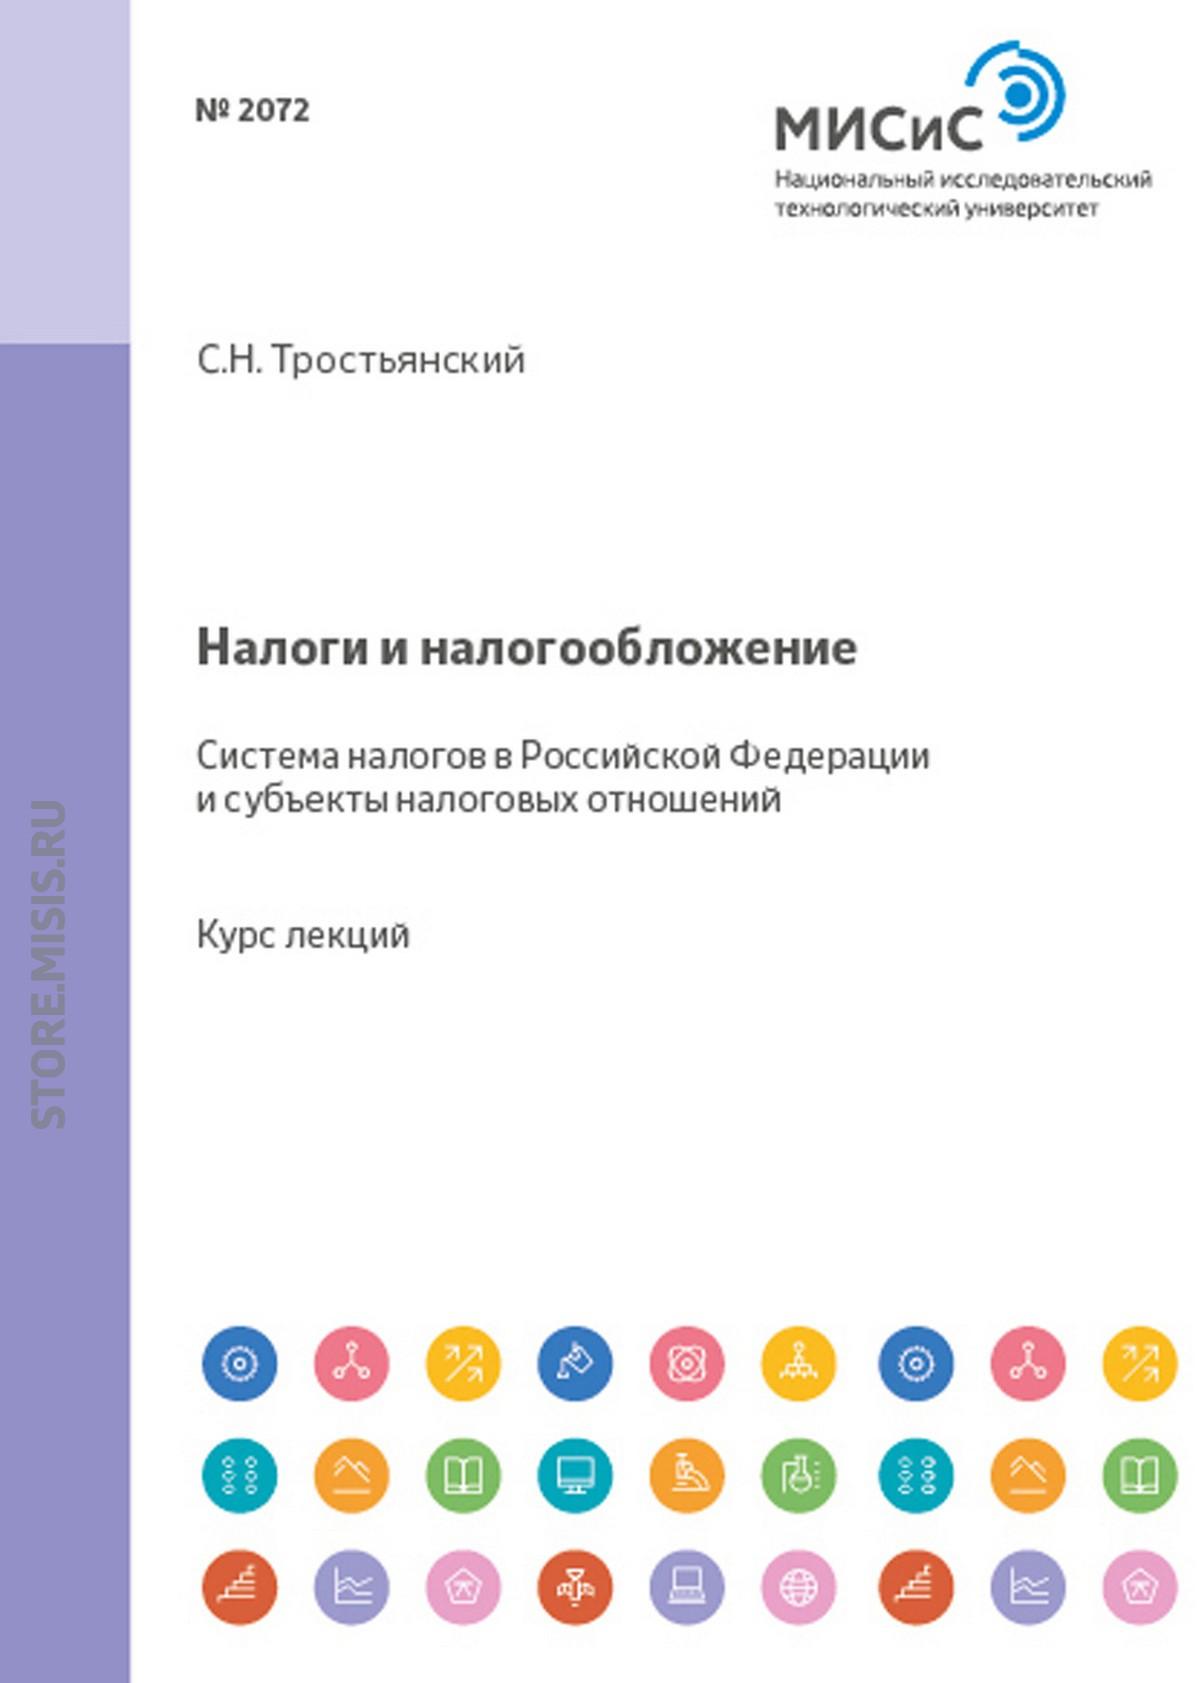 Налоги и налогообложение. Система налогов в российской федерации и субъекты налоговых отношений